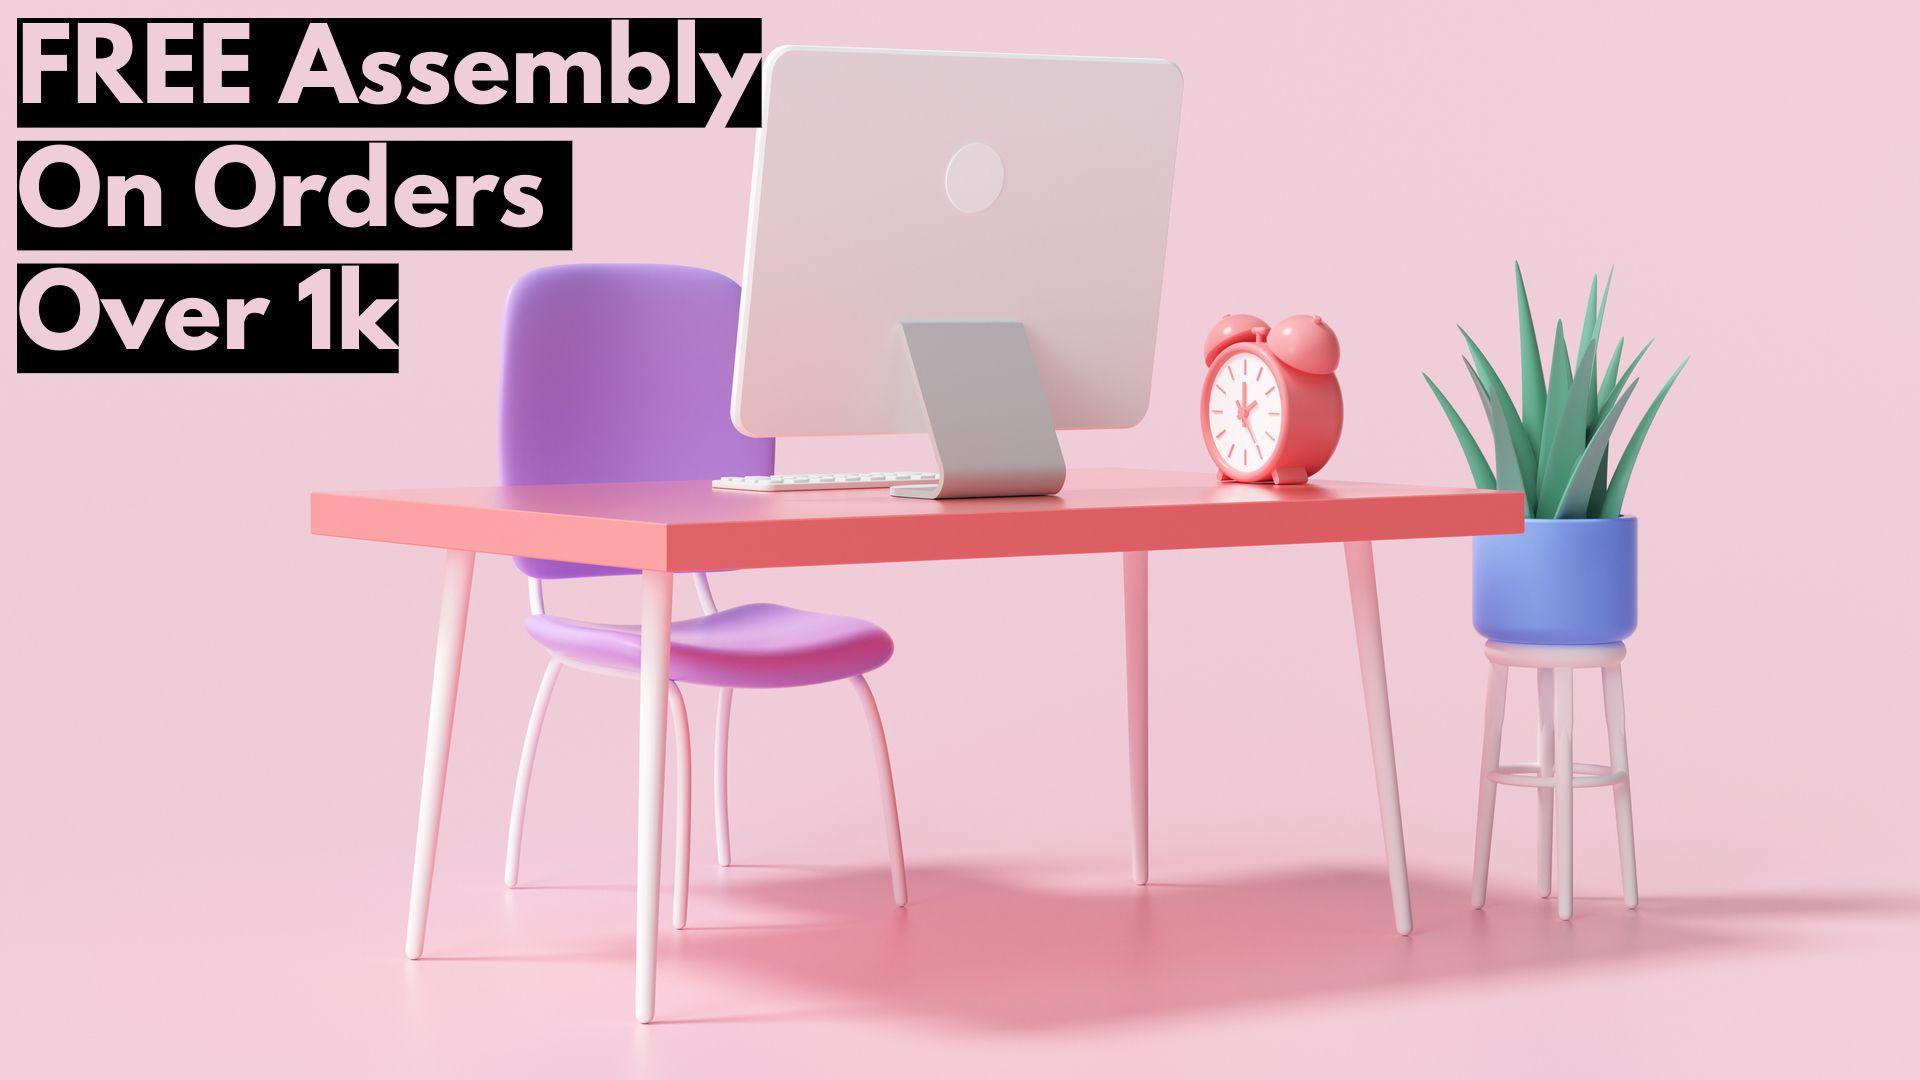 Free assembly service